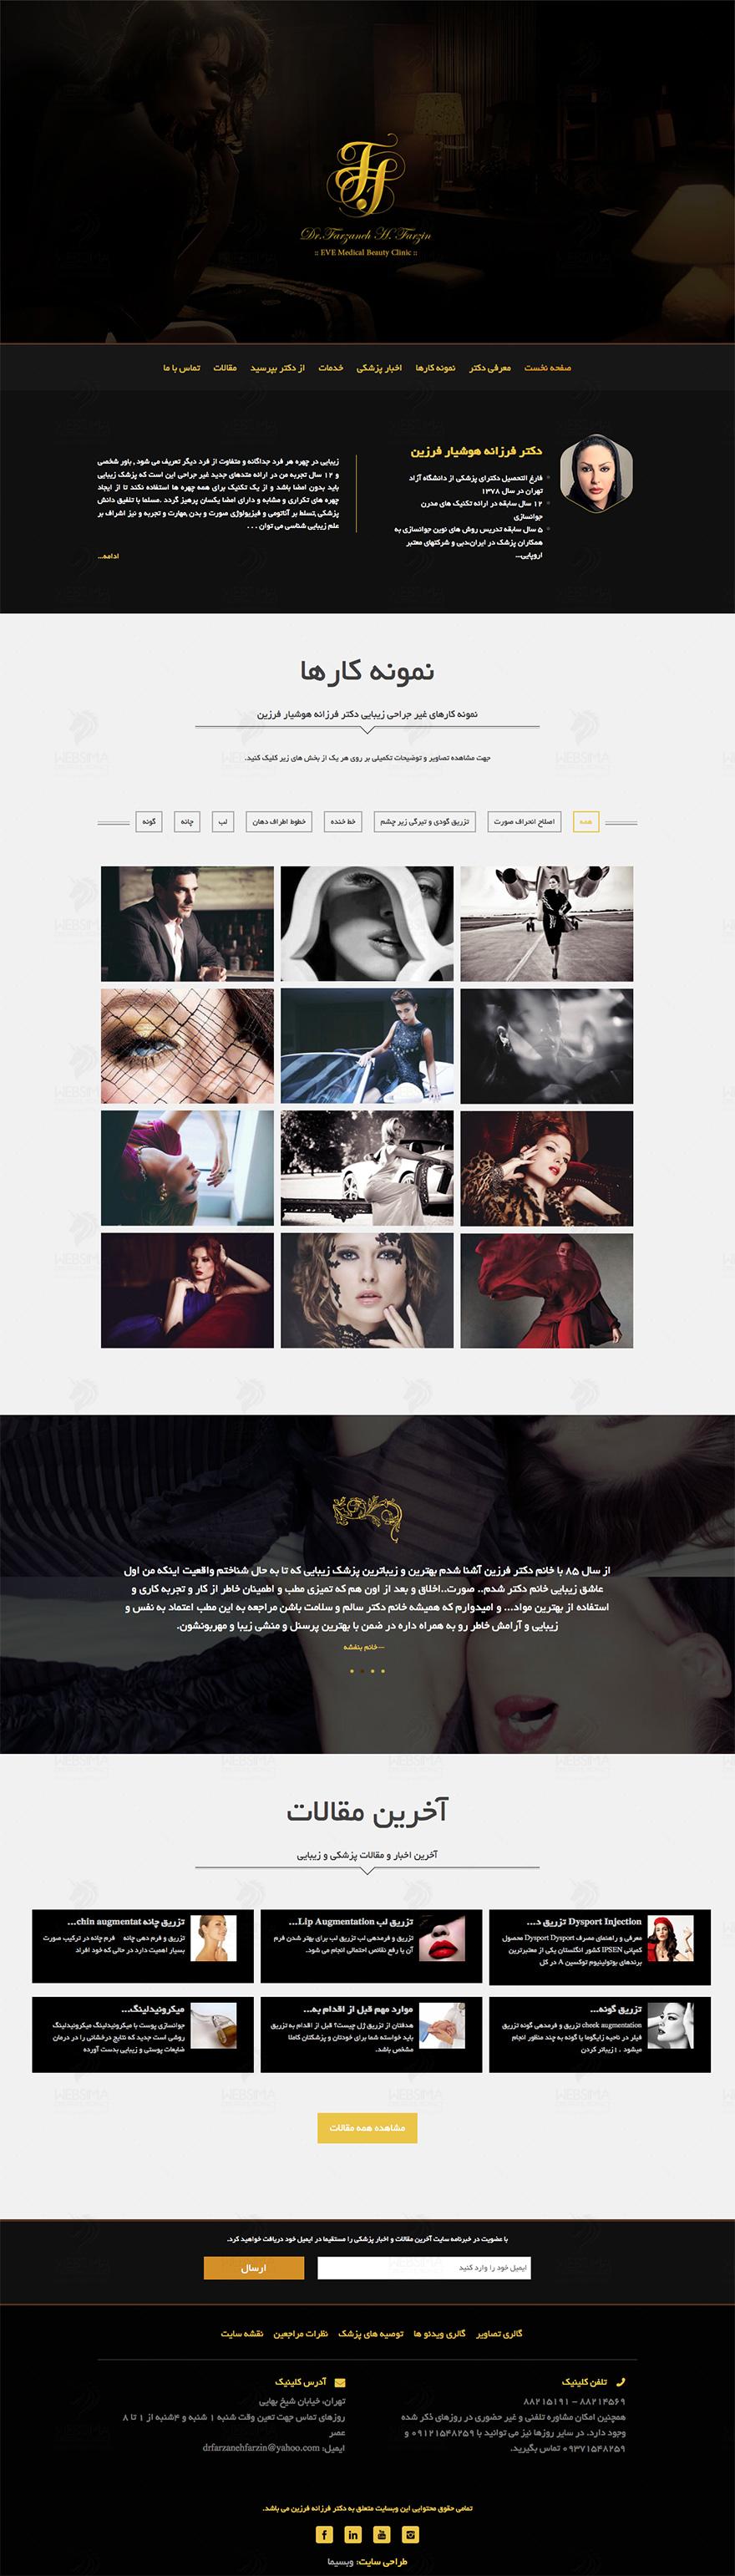 طراحی سایت و لوگوی پزشک